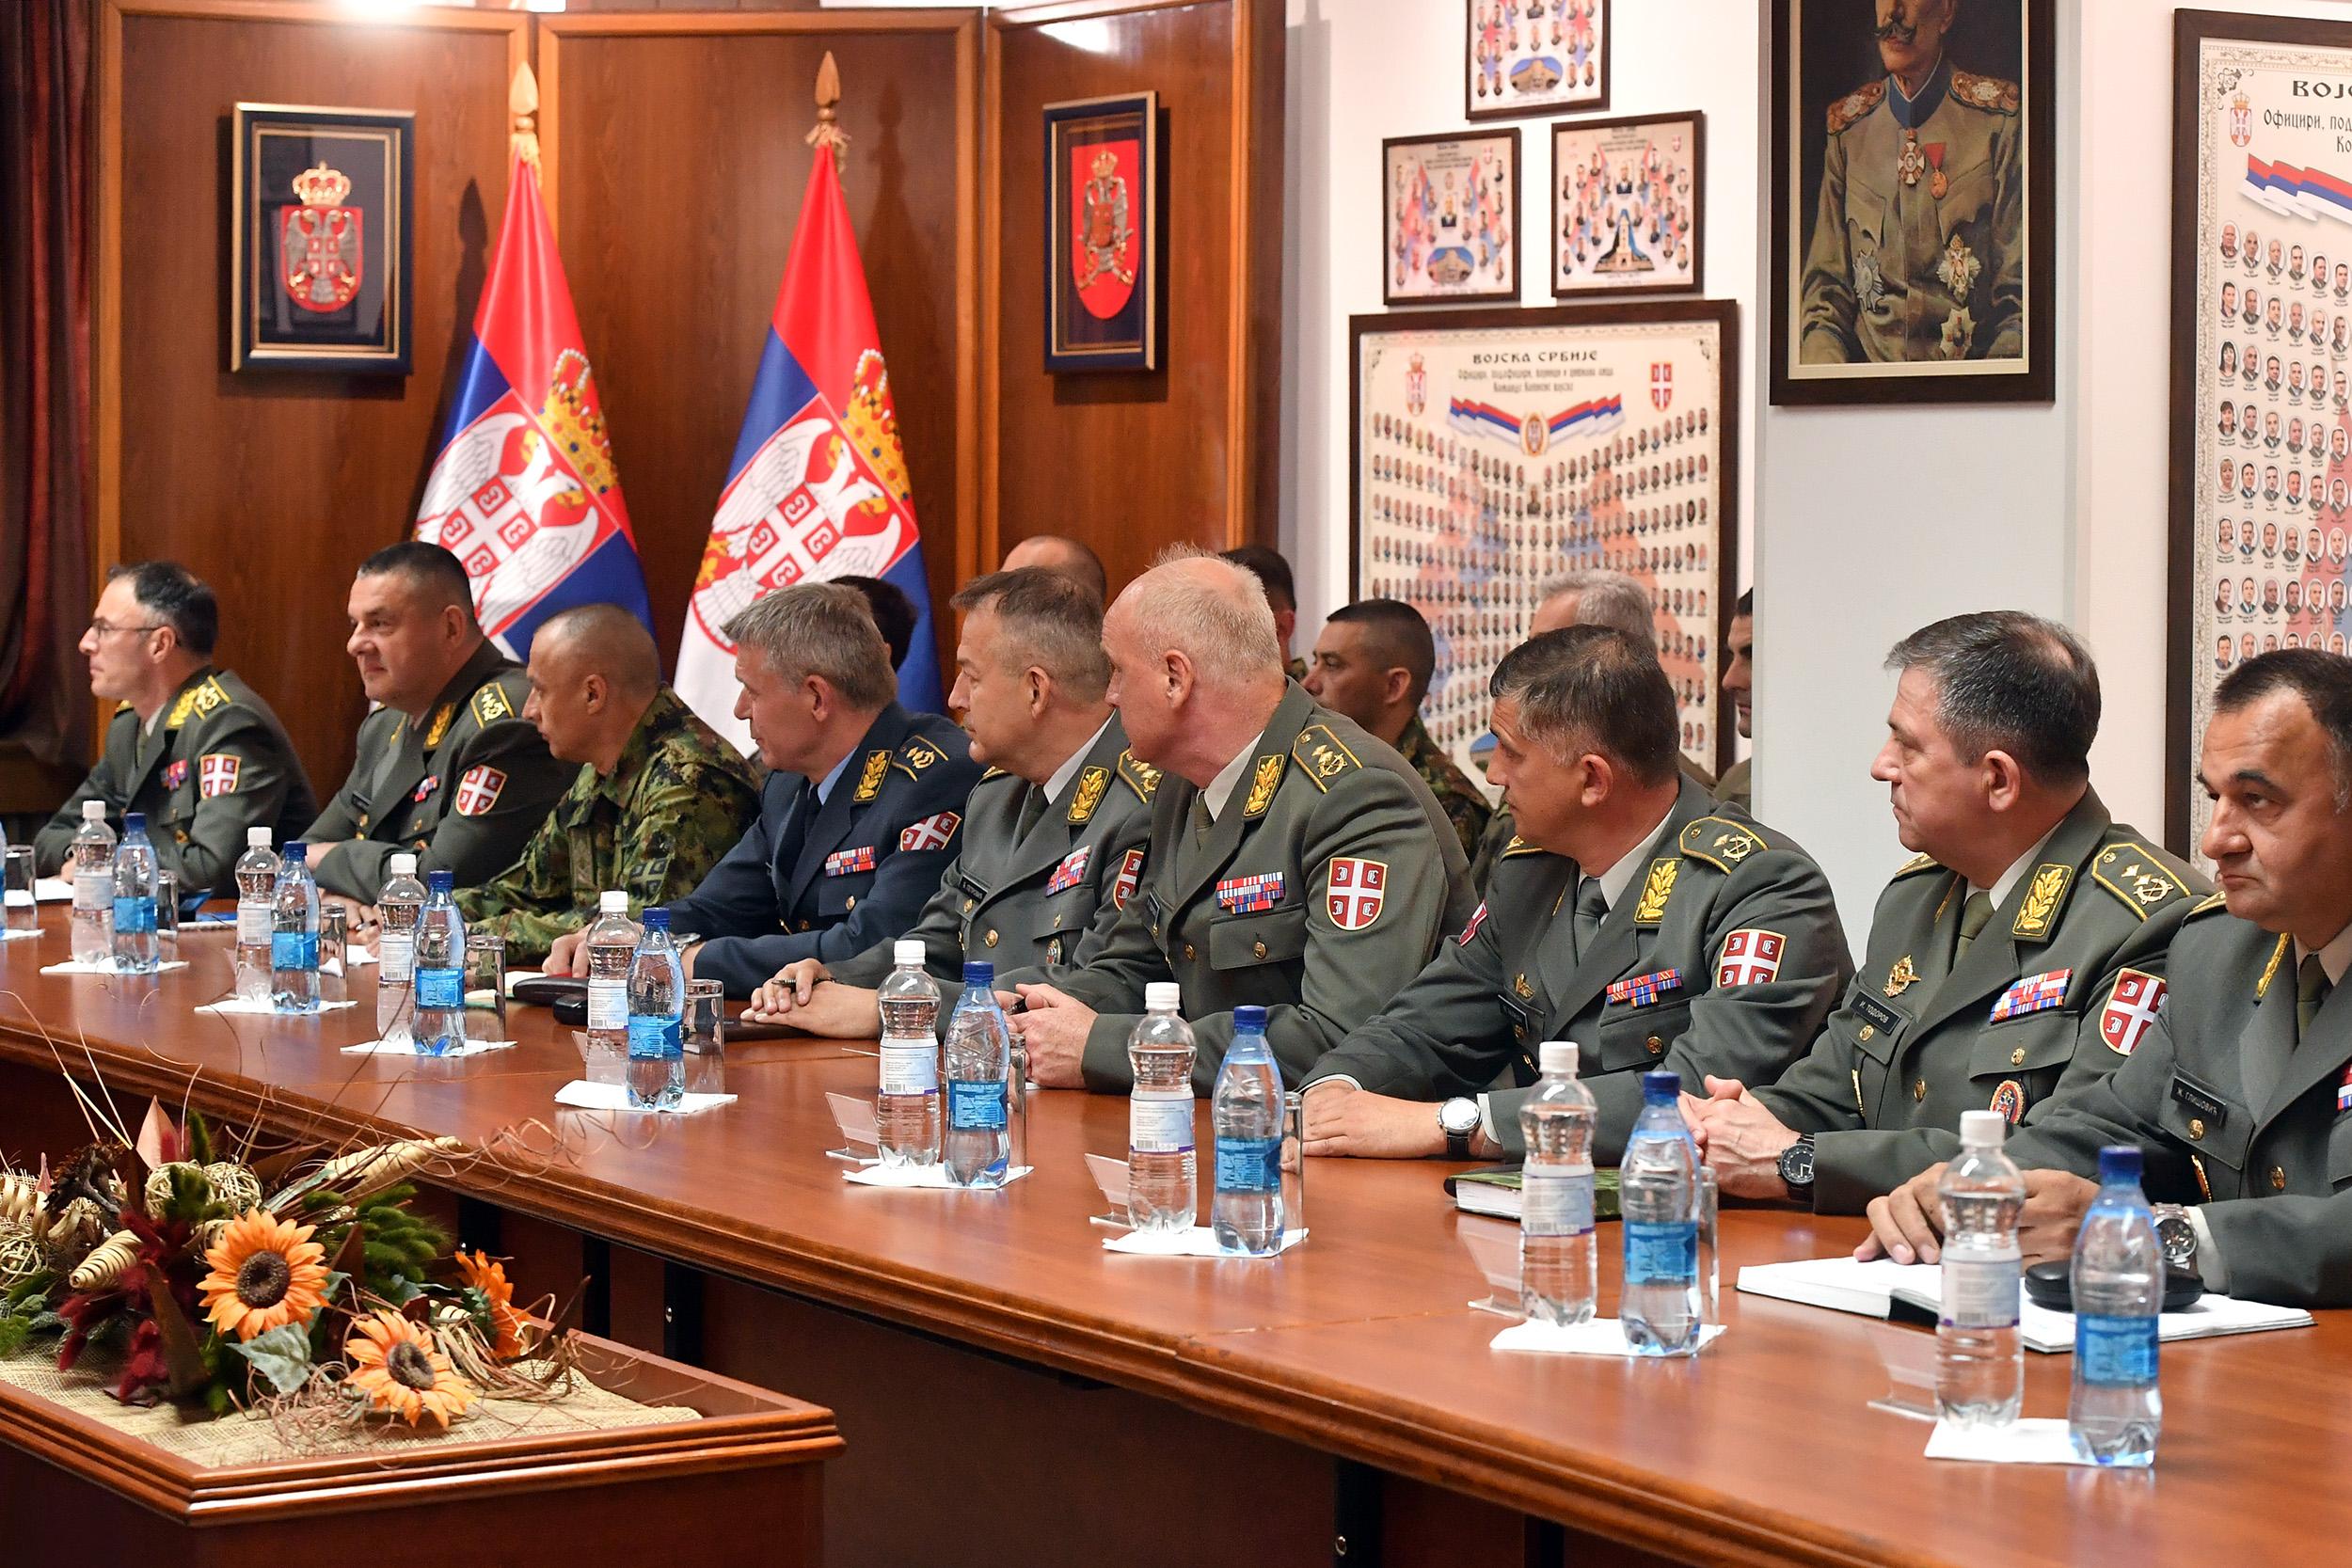 Sastanak predsednika Republike Srbije sa komandantima jedinica Vojske Srbije, MUP-a i resornim ministrima 18167